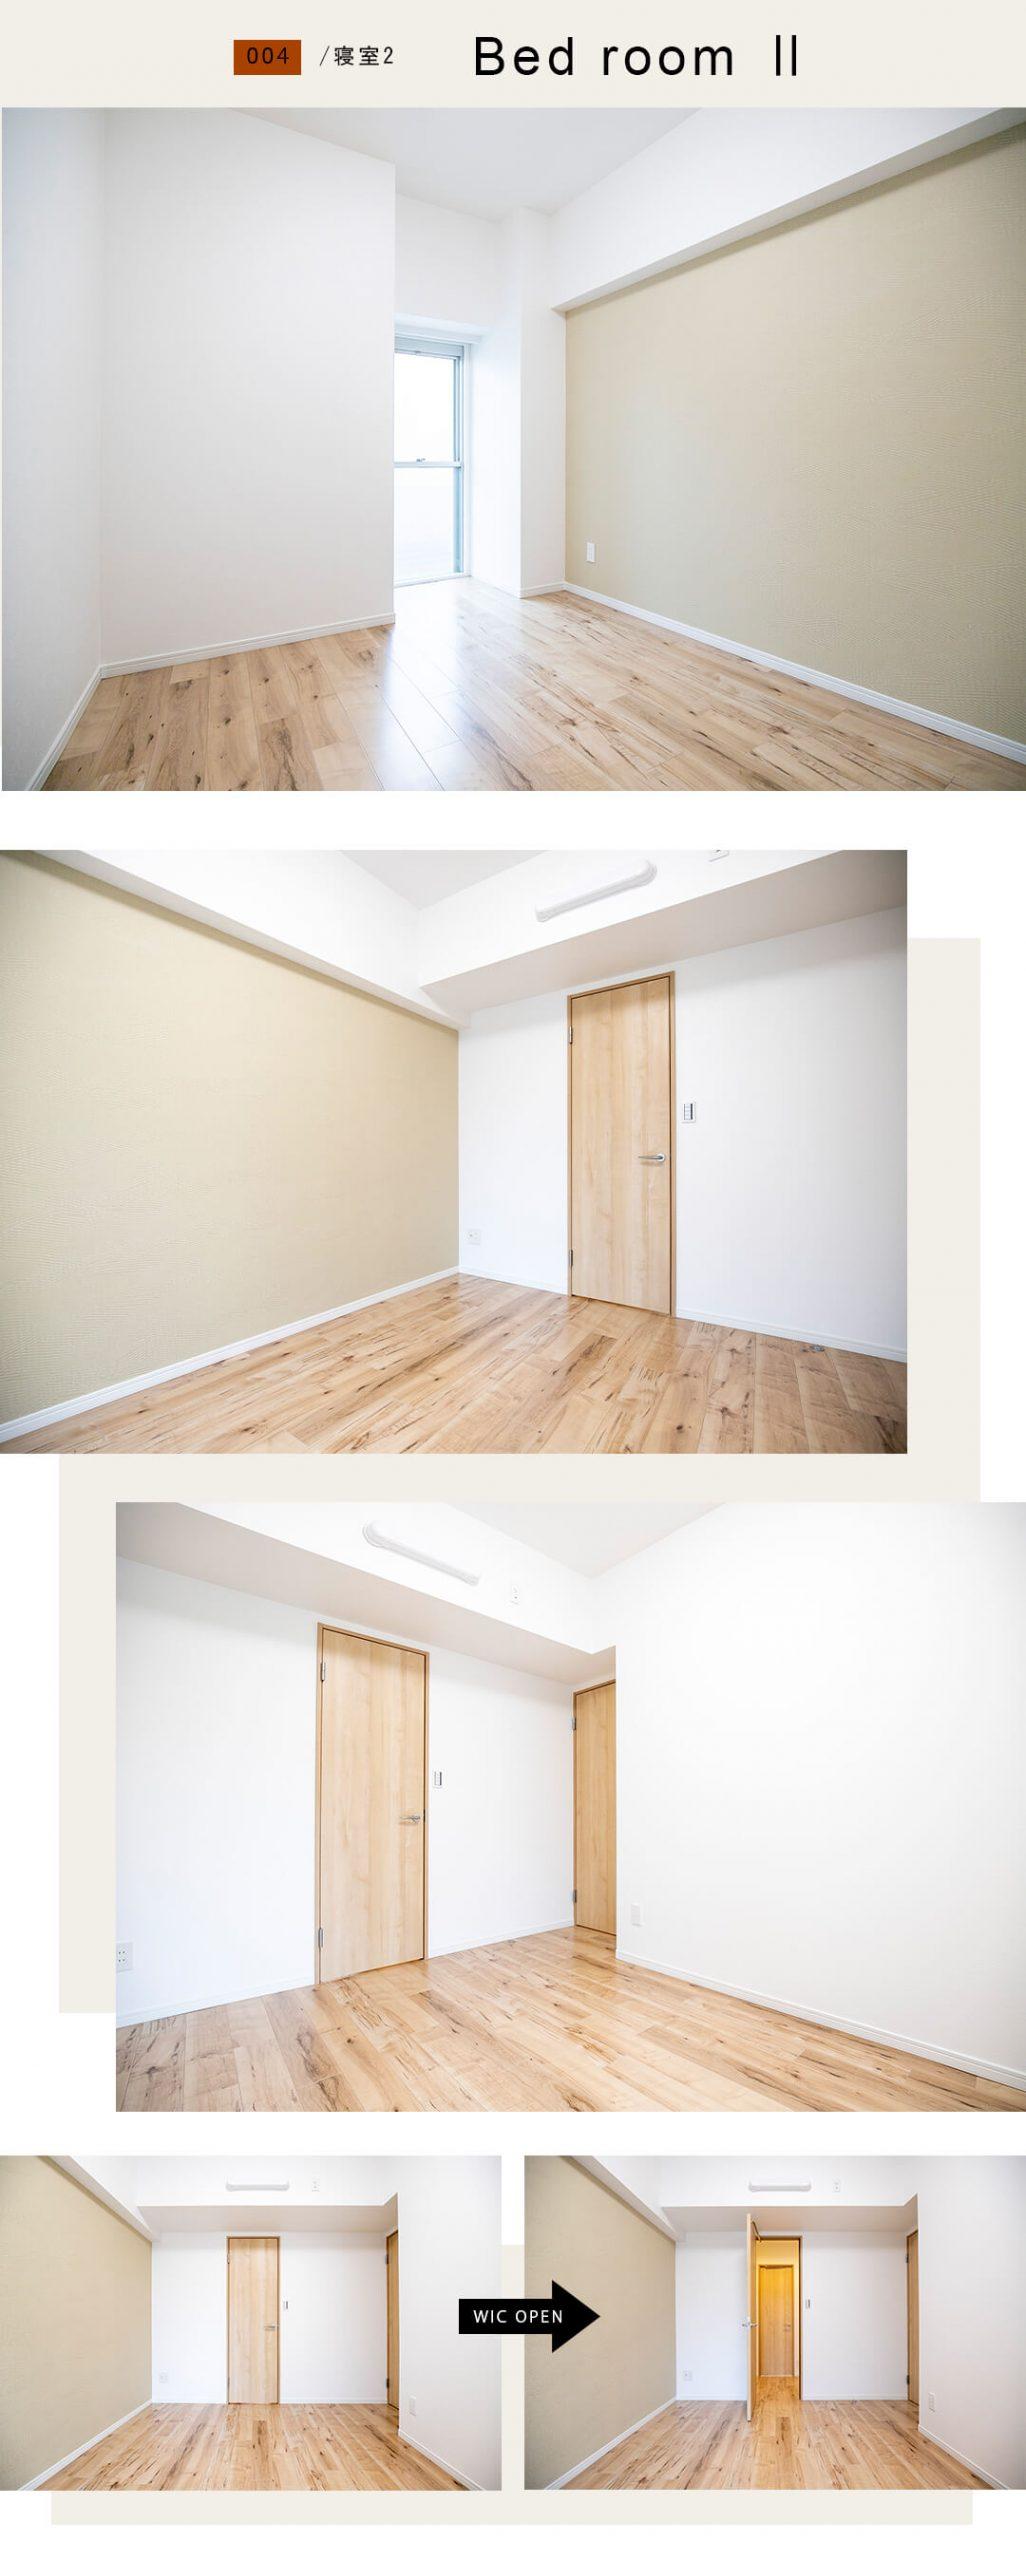 004寝室2,Bed room Ⅱ